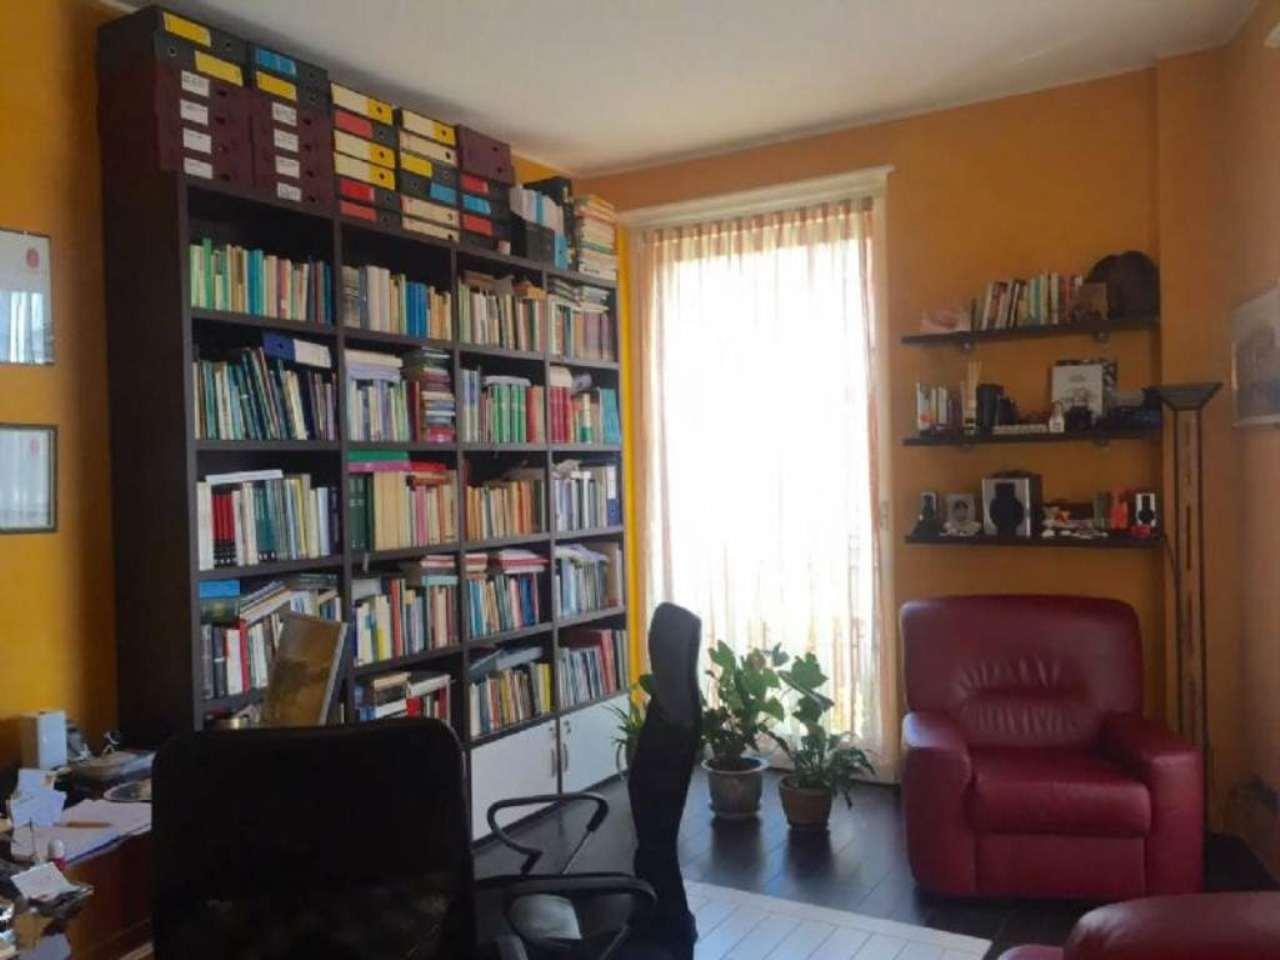 Appartamento in vendita a Milano, 2 locali, zona Zona: 1 . Centro Storico, Duomo, Brera, Cadorna, Cattolica, prezzo € 680.000 | Cambio Casa.it